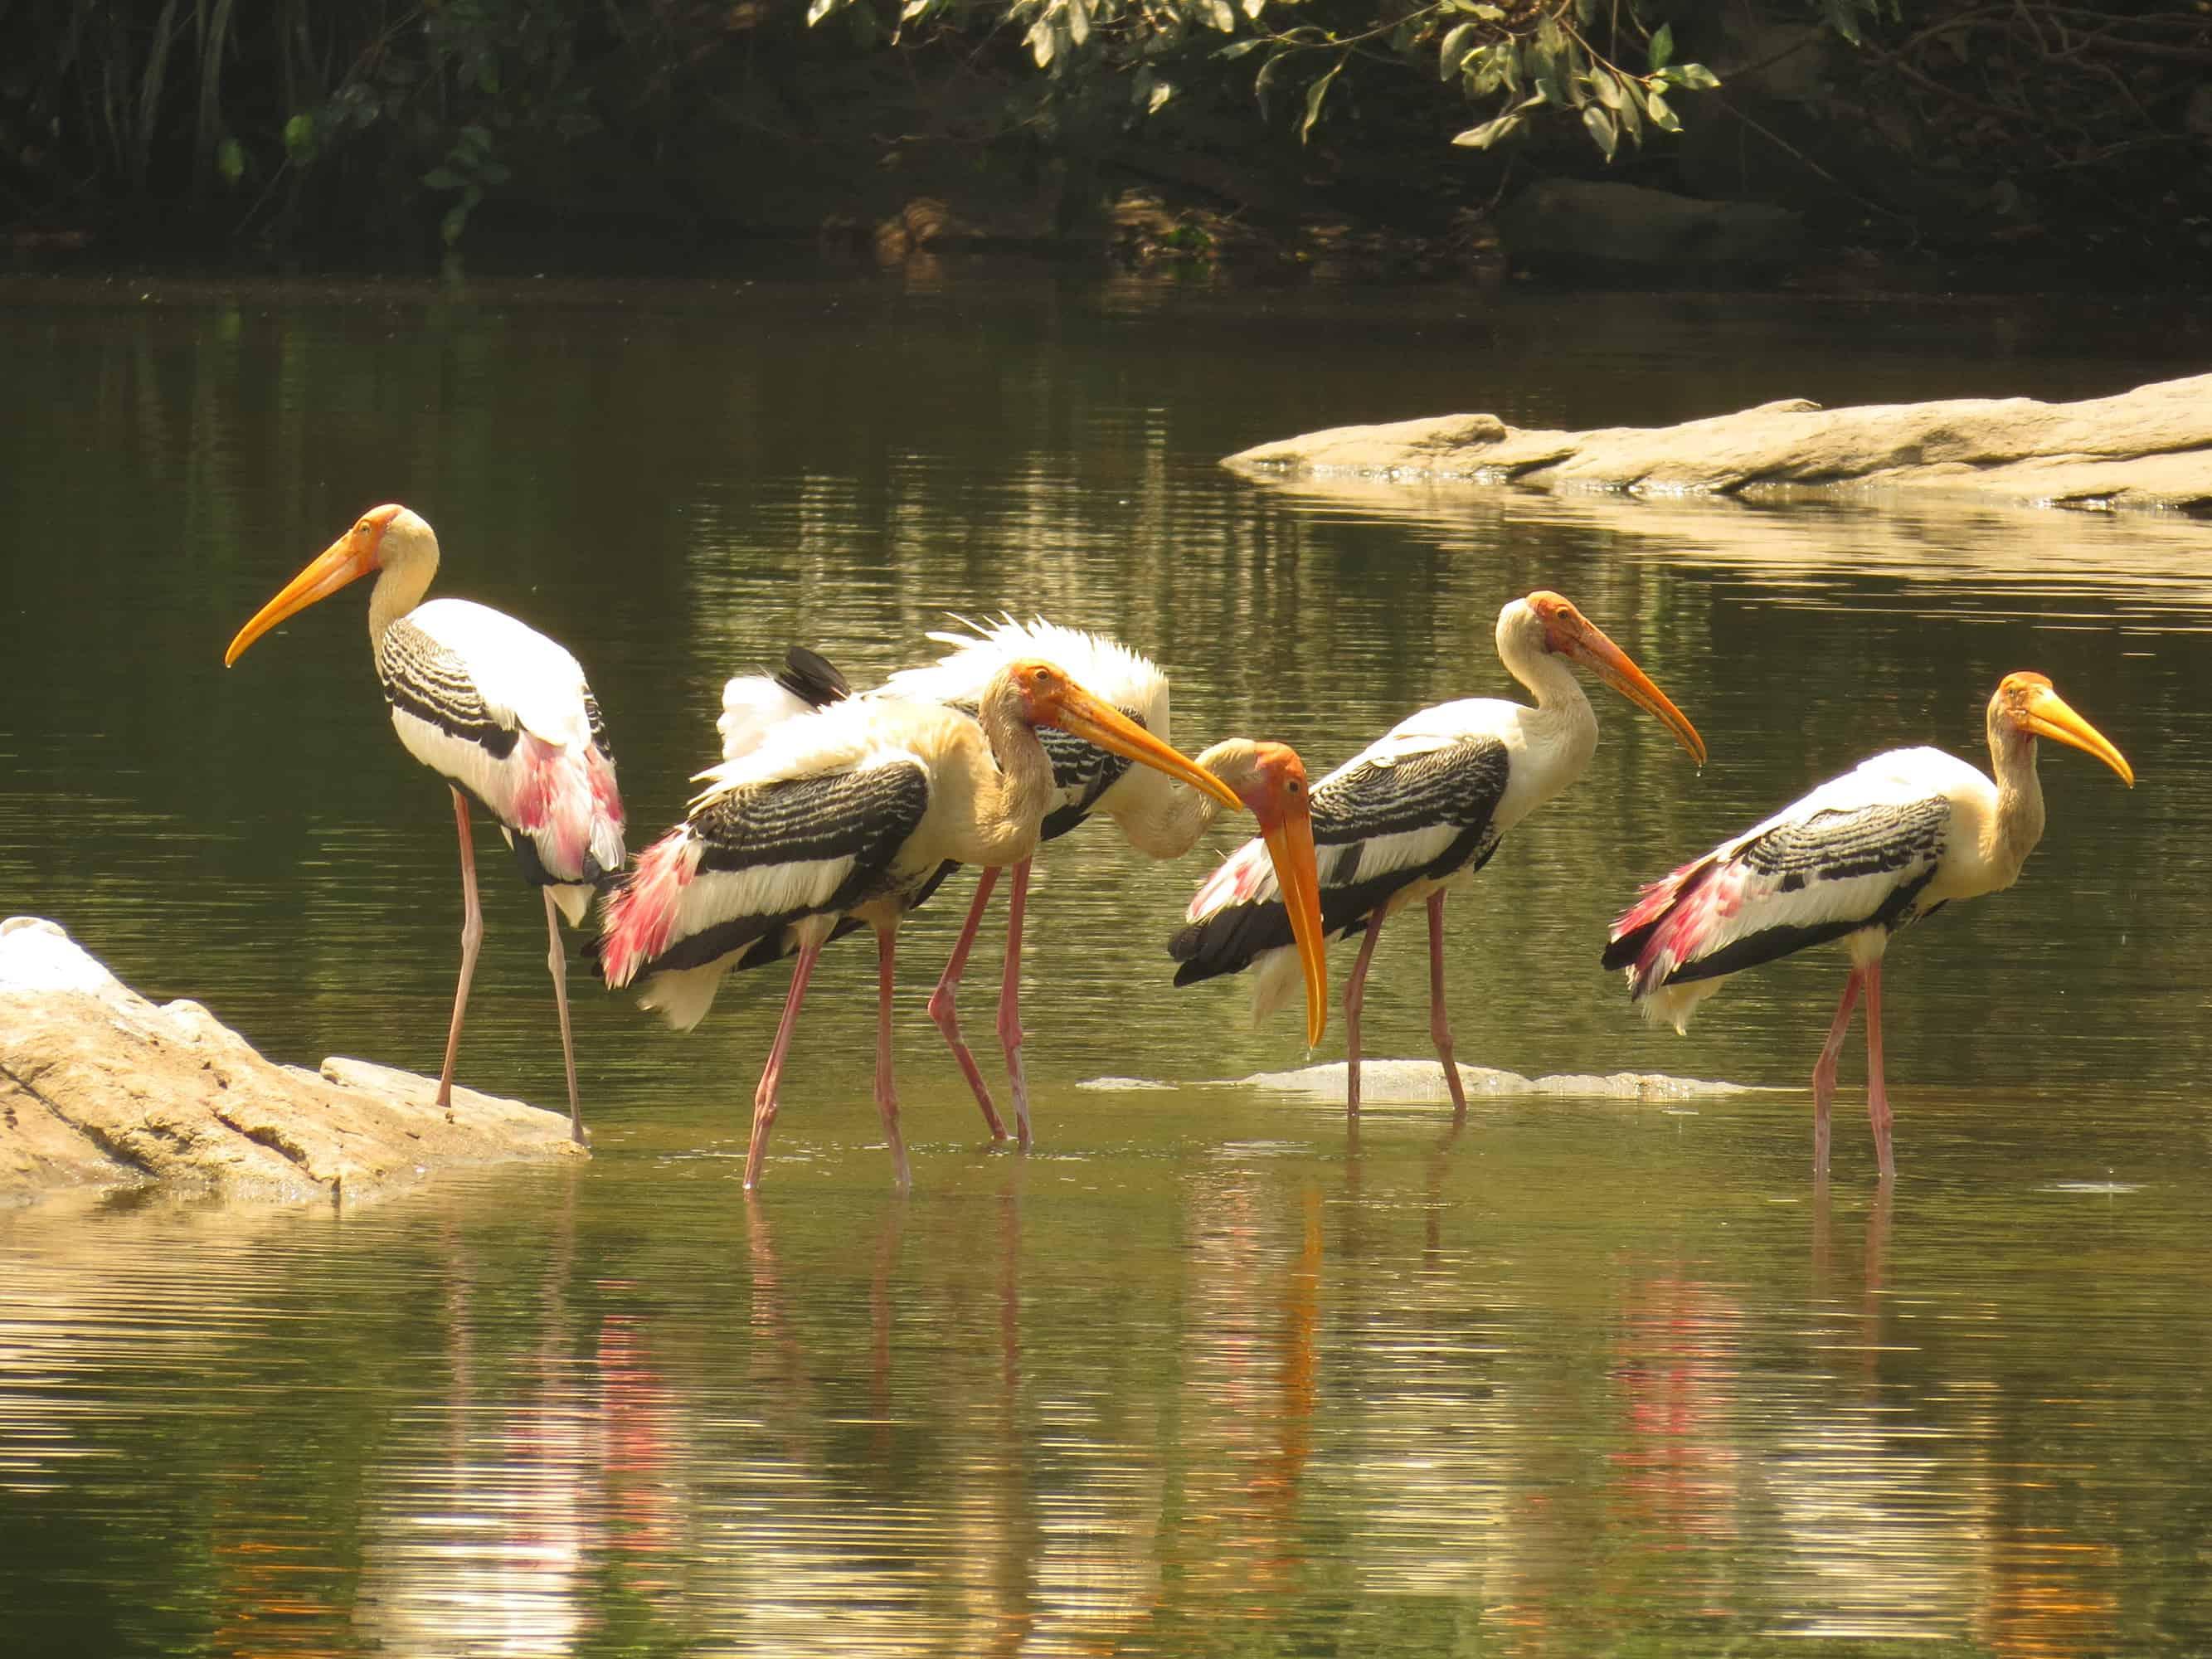 birds fishing in Ranganathittu bird sanctuary in karnataka